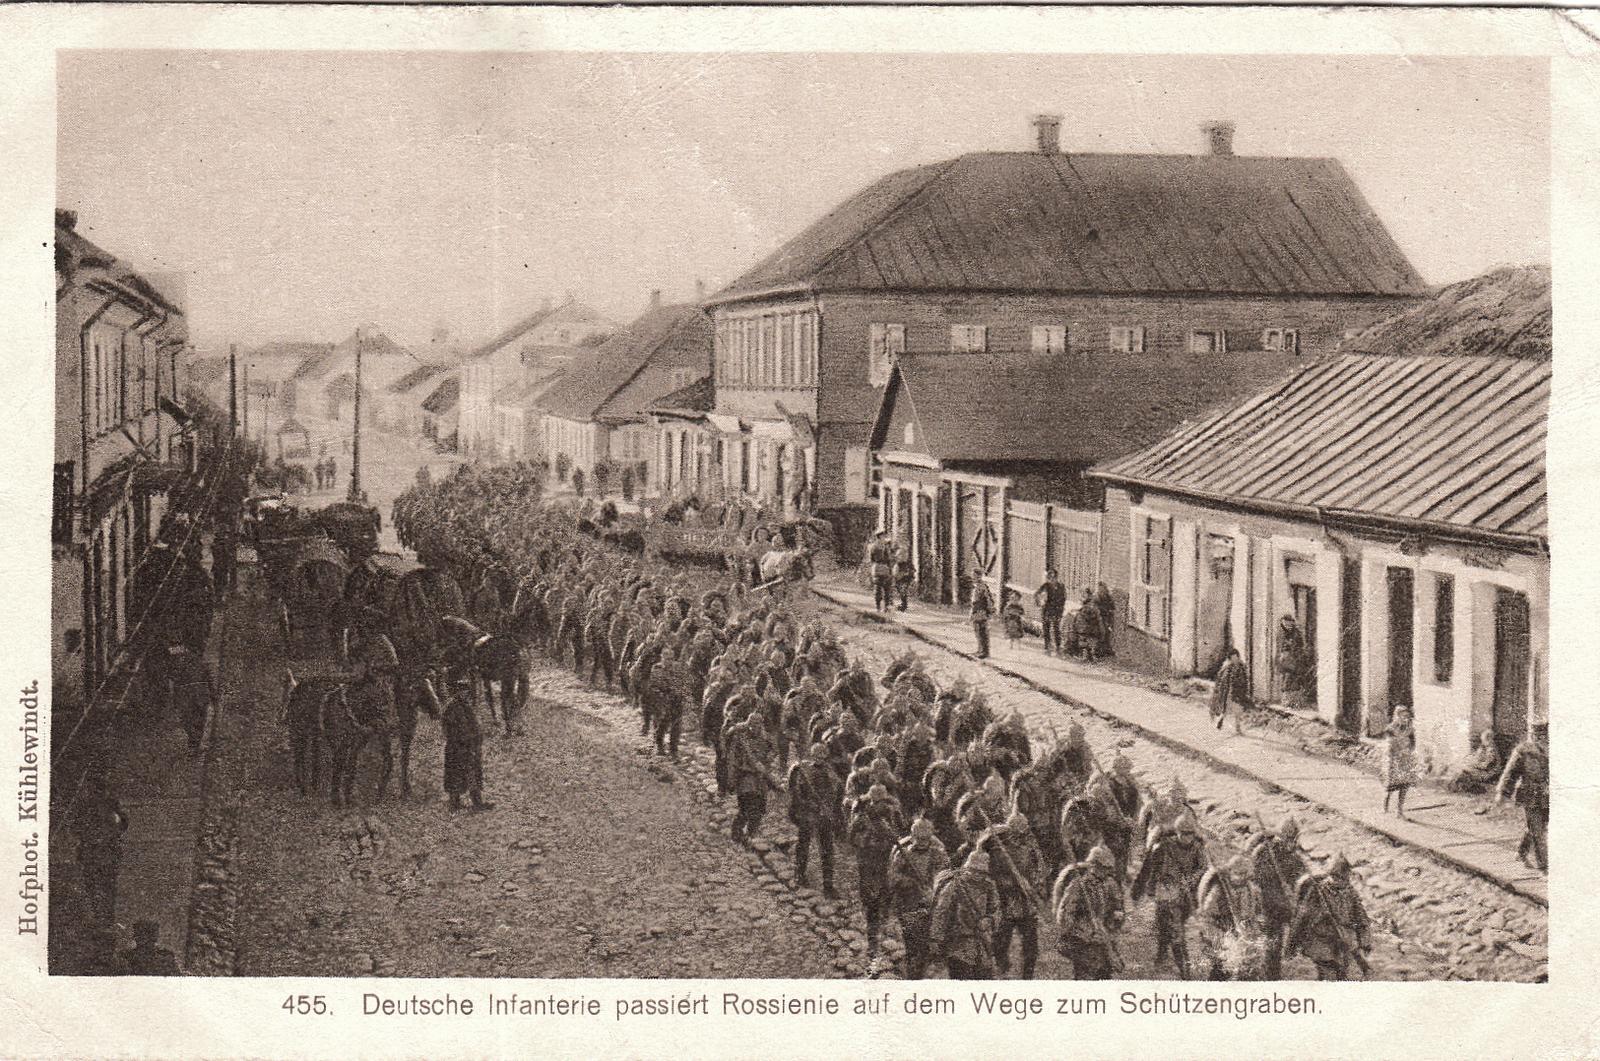 Raseiniai -  Deutsche Infanterie passiert Rossienie auf dem Wege zum Schützengraben